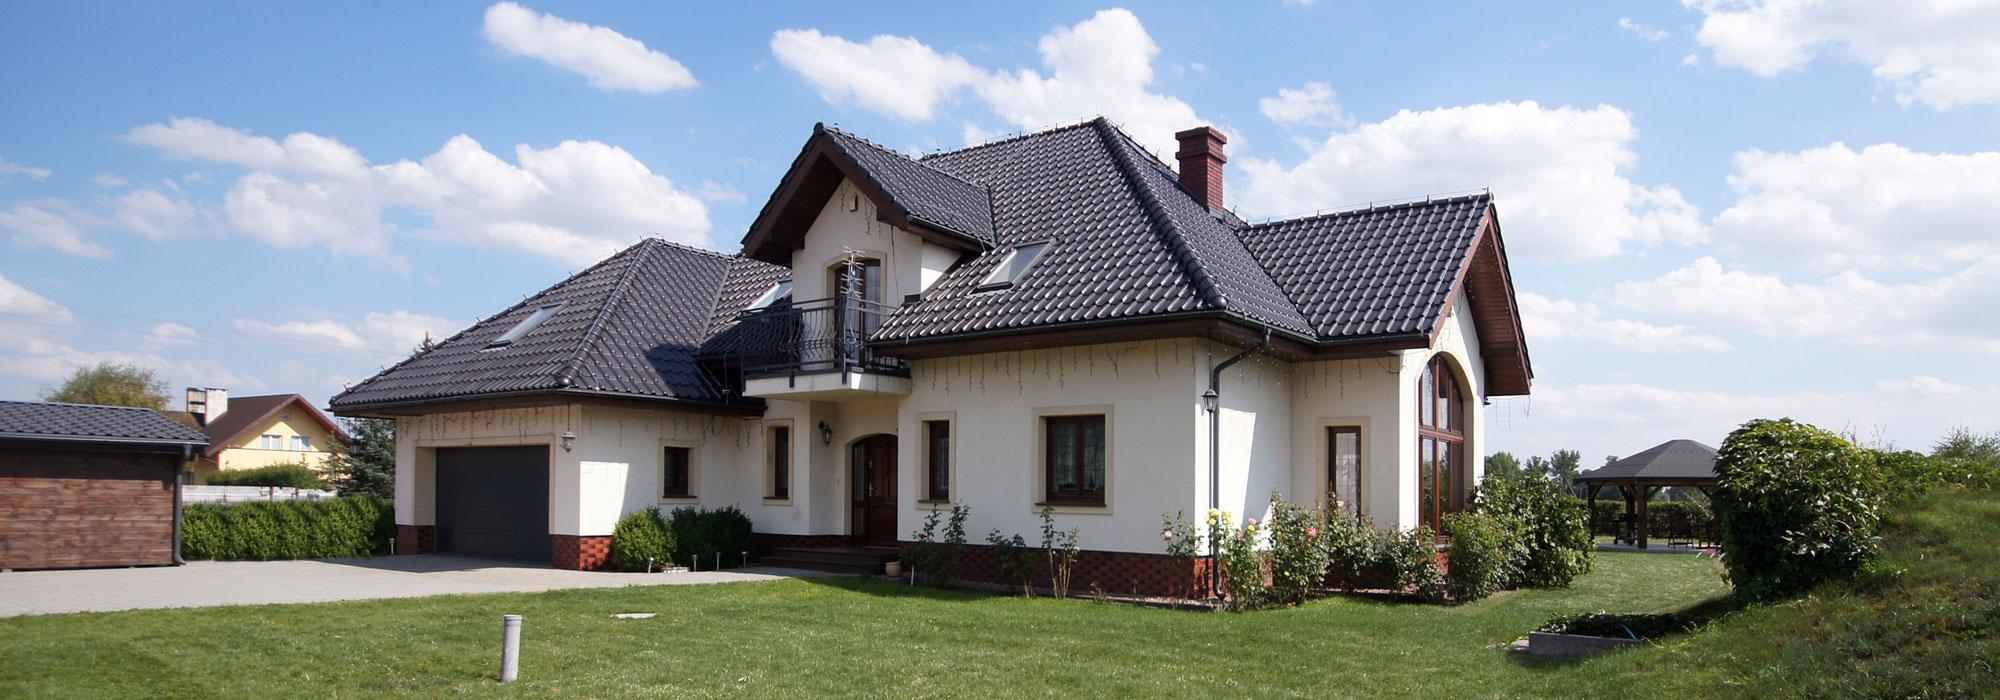 Dom na sprzedaż w Zębicach na południu Wrocławia